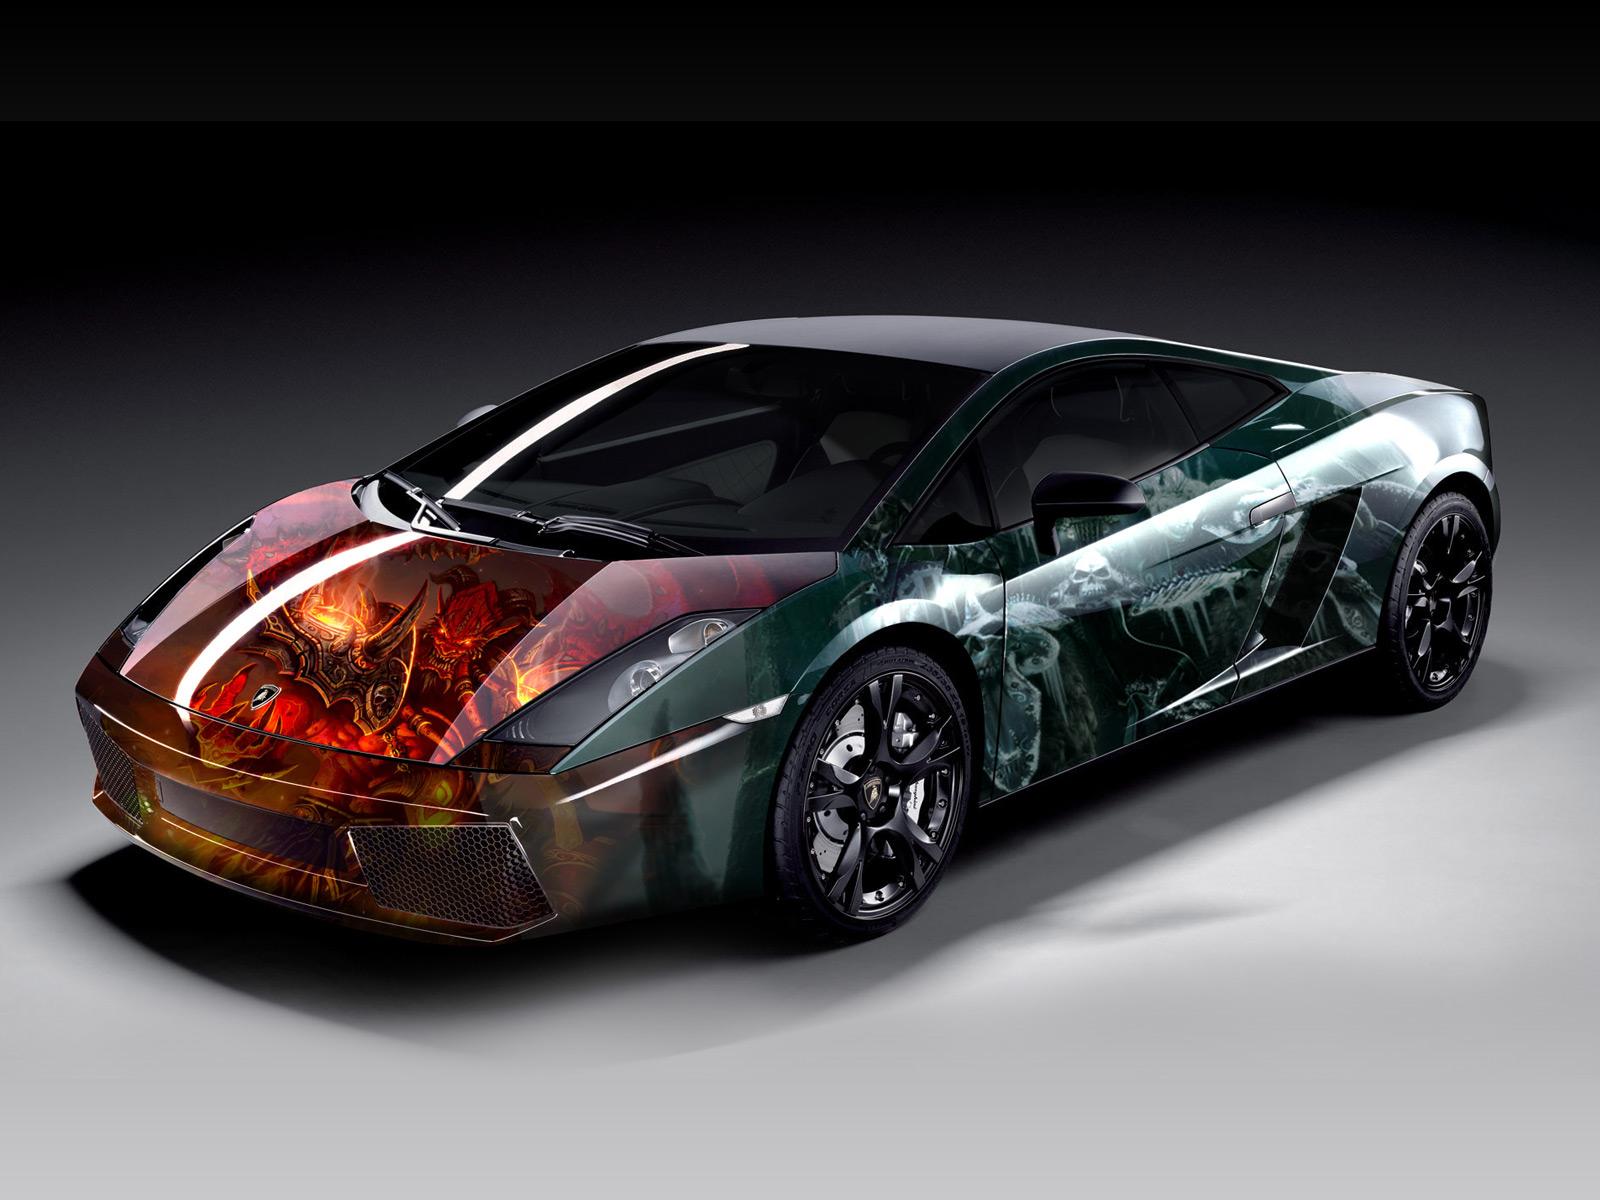 International Fast Cars Sport Cars Wallpaper 1600x1200